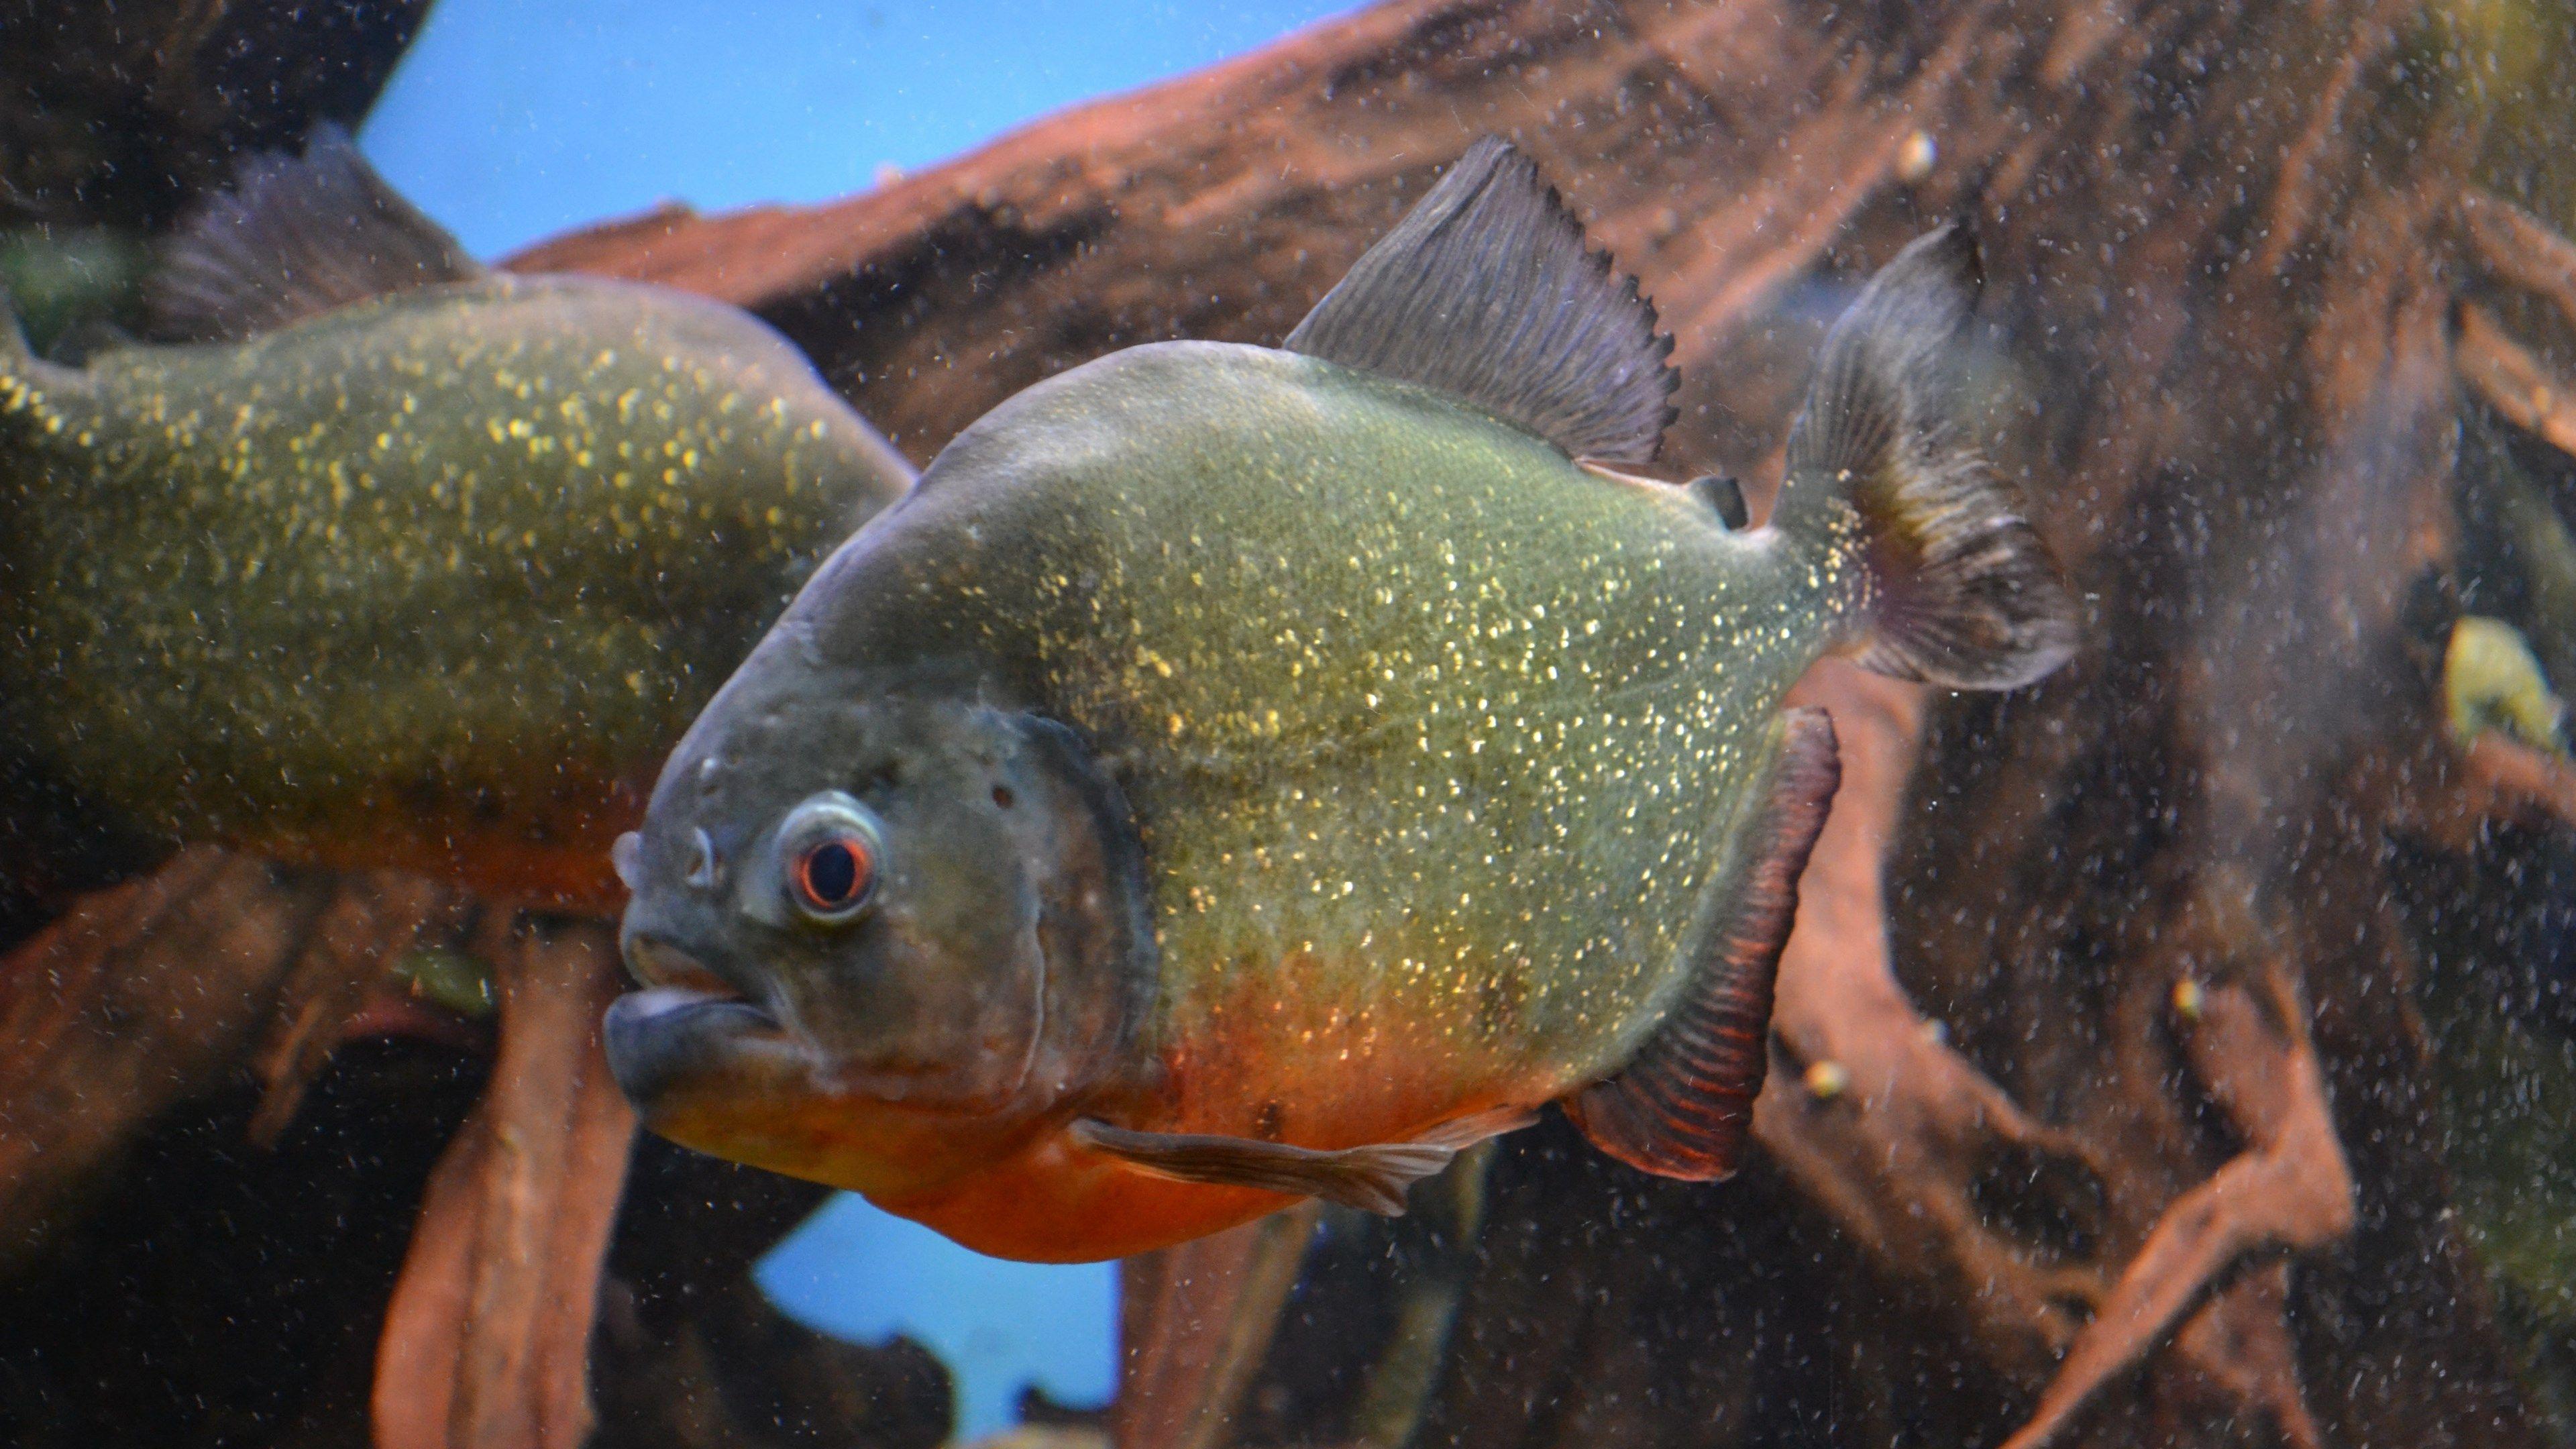 Free desktop piranha image, 2601 kB - Goode Gordon